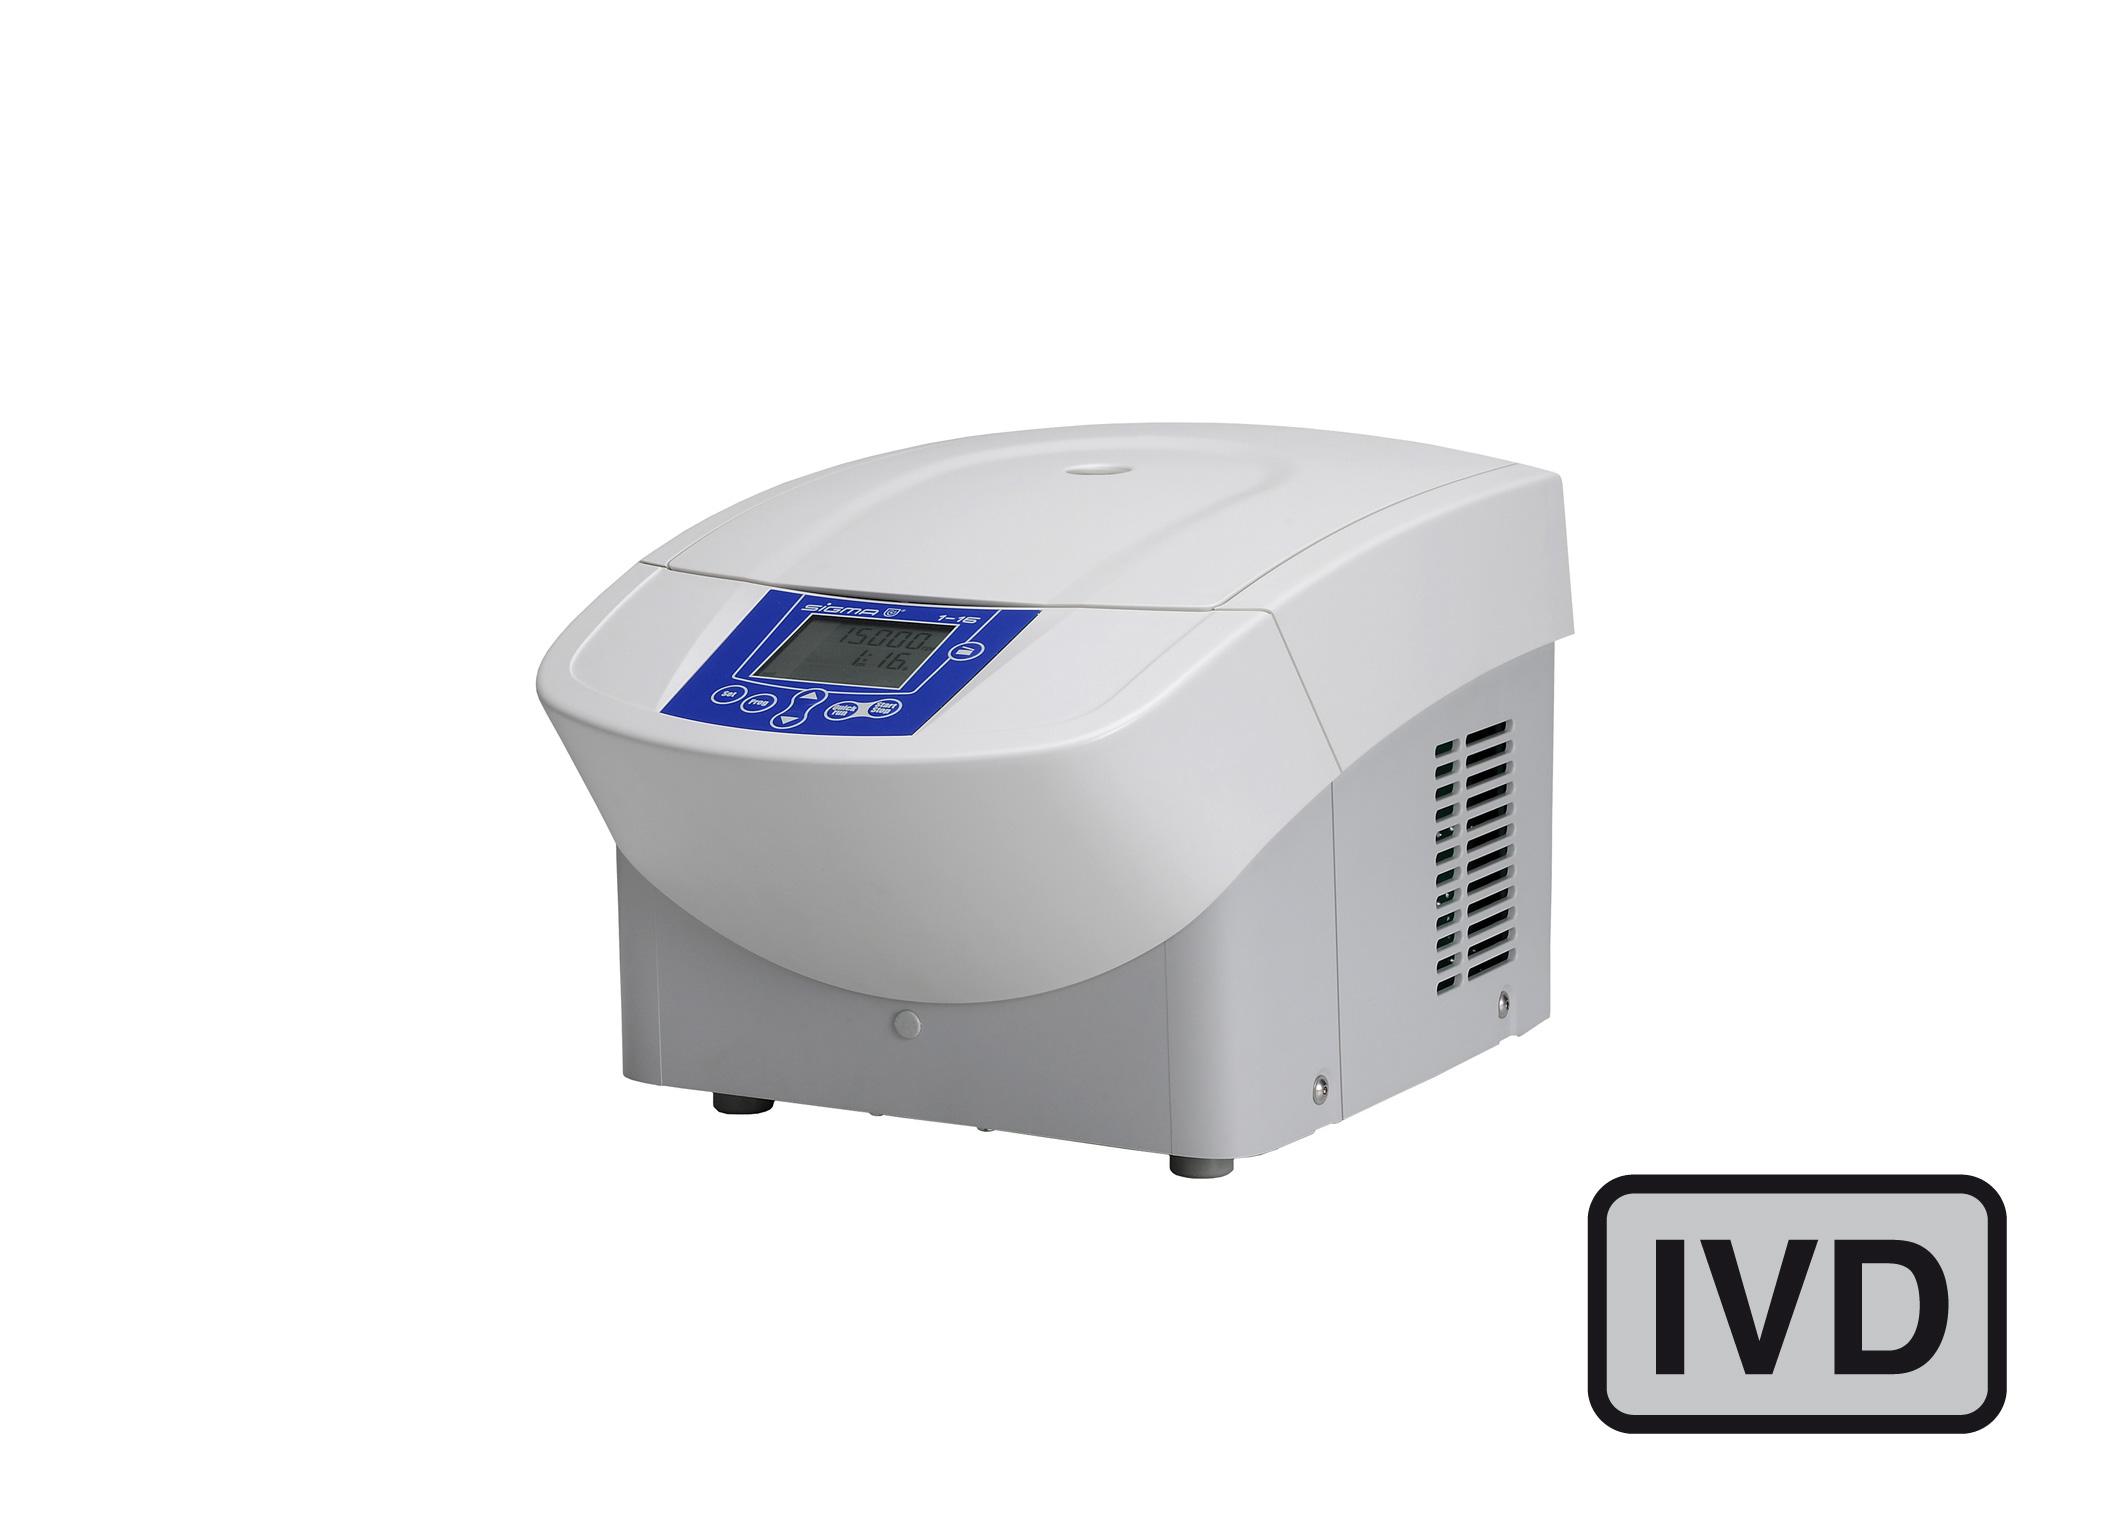 Sigma 1-16 centrifuge closed lid